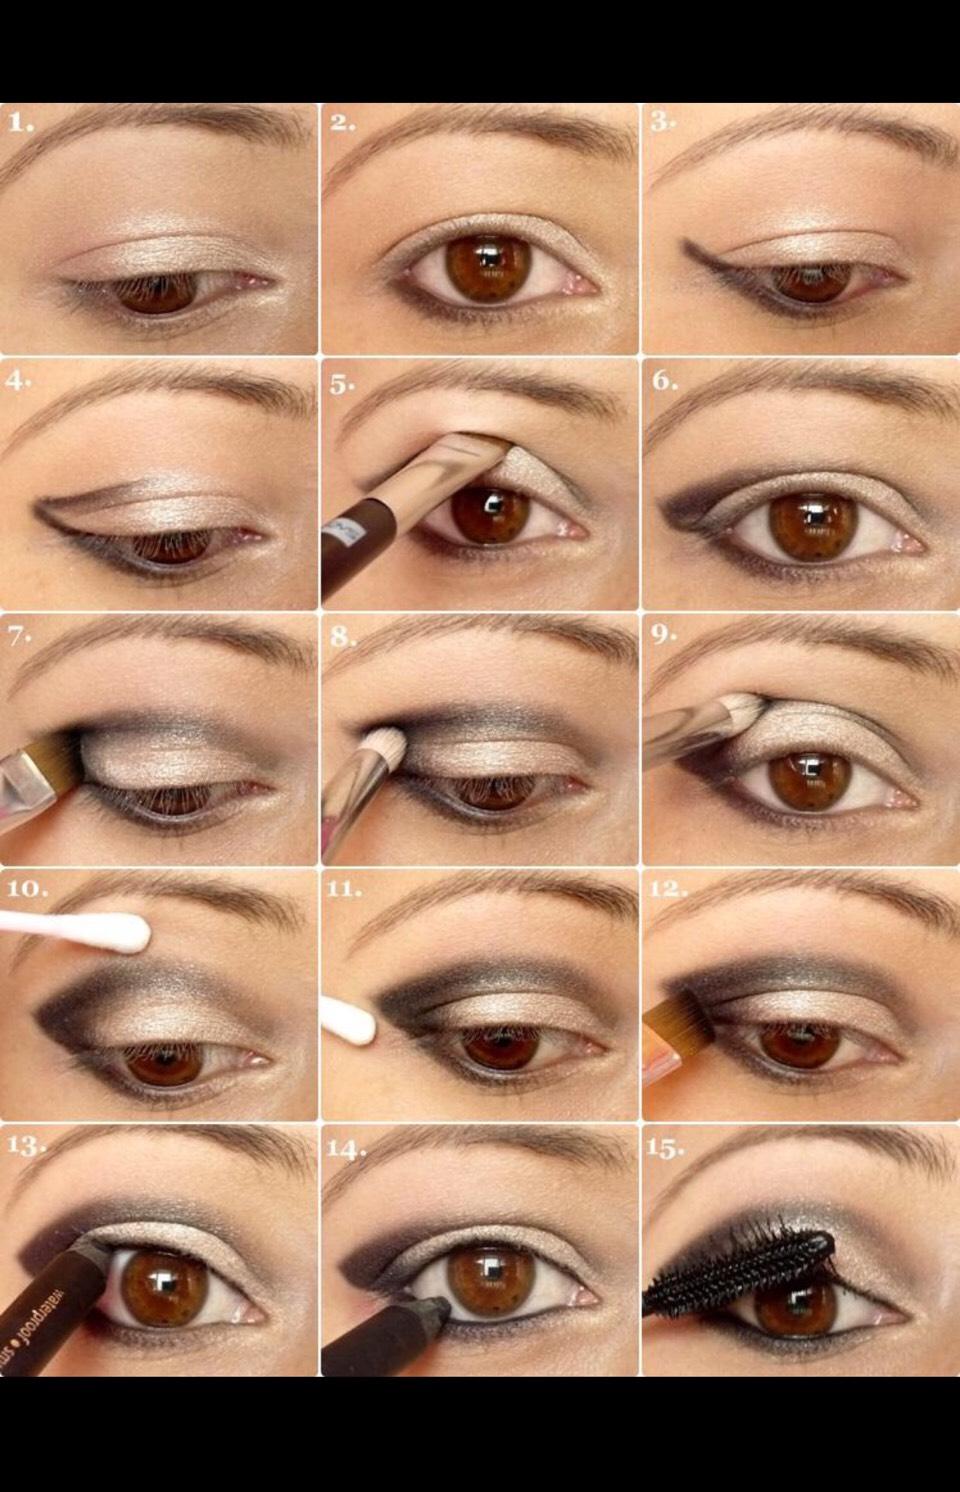 Как сделать макияж в домашних условиях — делаем красивый и правильный макияж своими руками (100 фото)